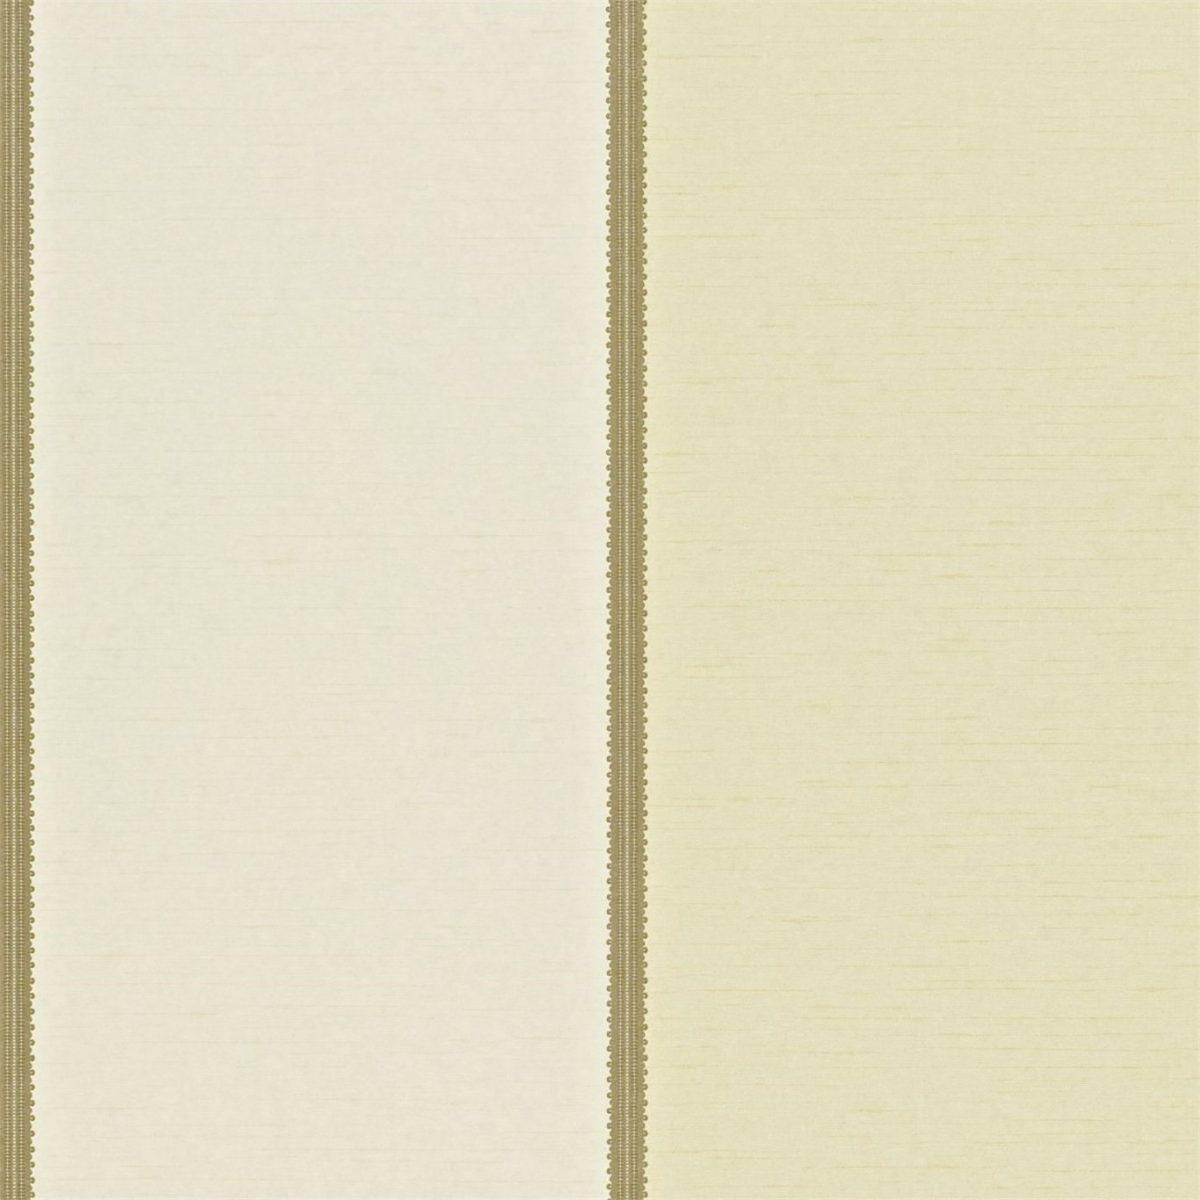 Sanderson Tapet Braided Stripe cream